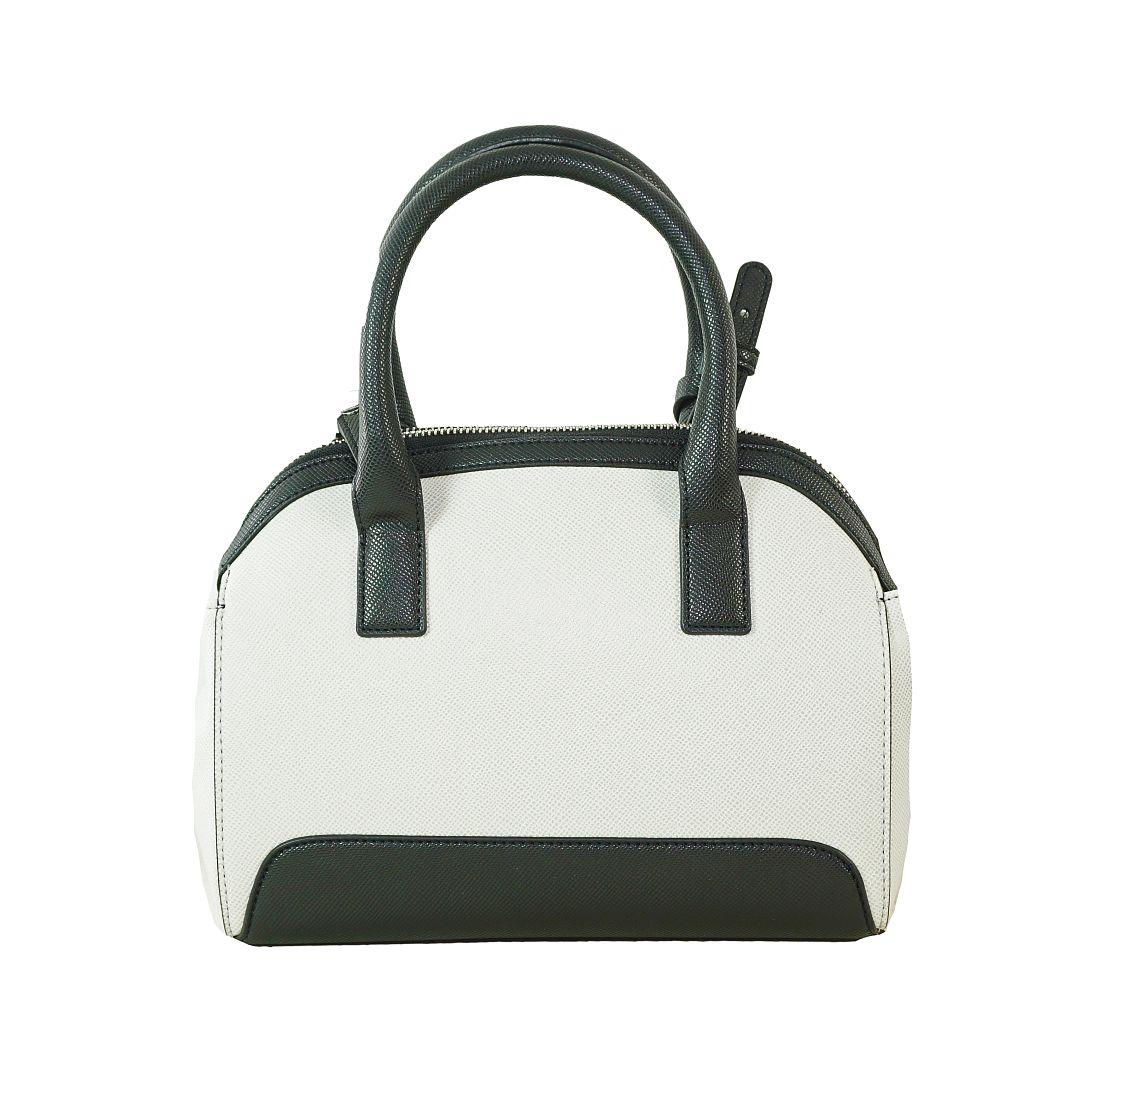 Armani Jeans Tasche Handtasche f. Damen C5270 R4 10 Bianco HW16